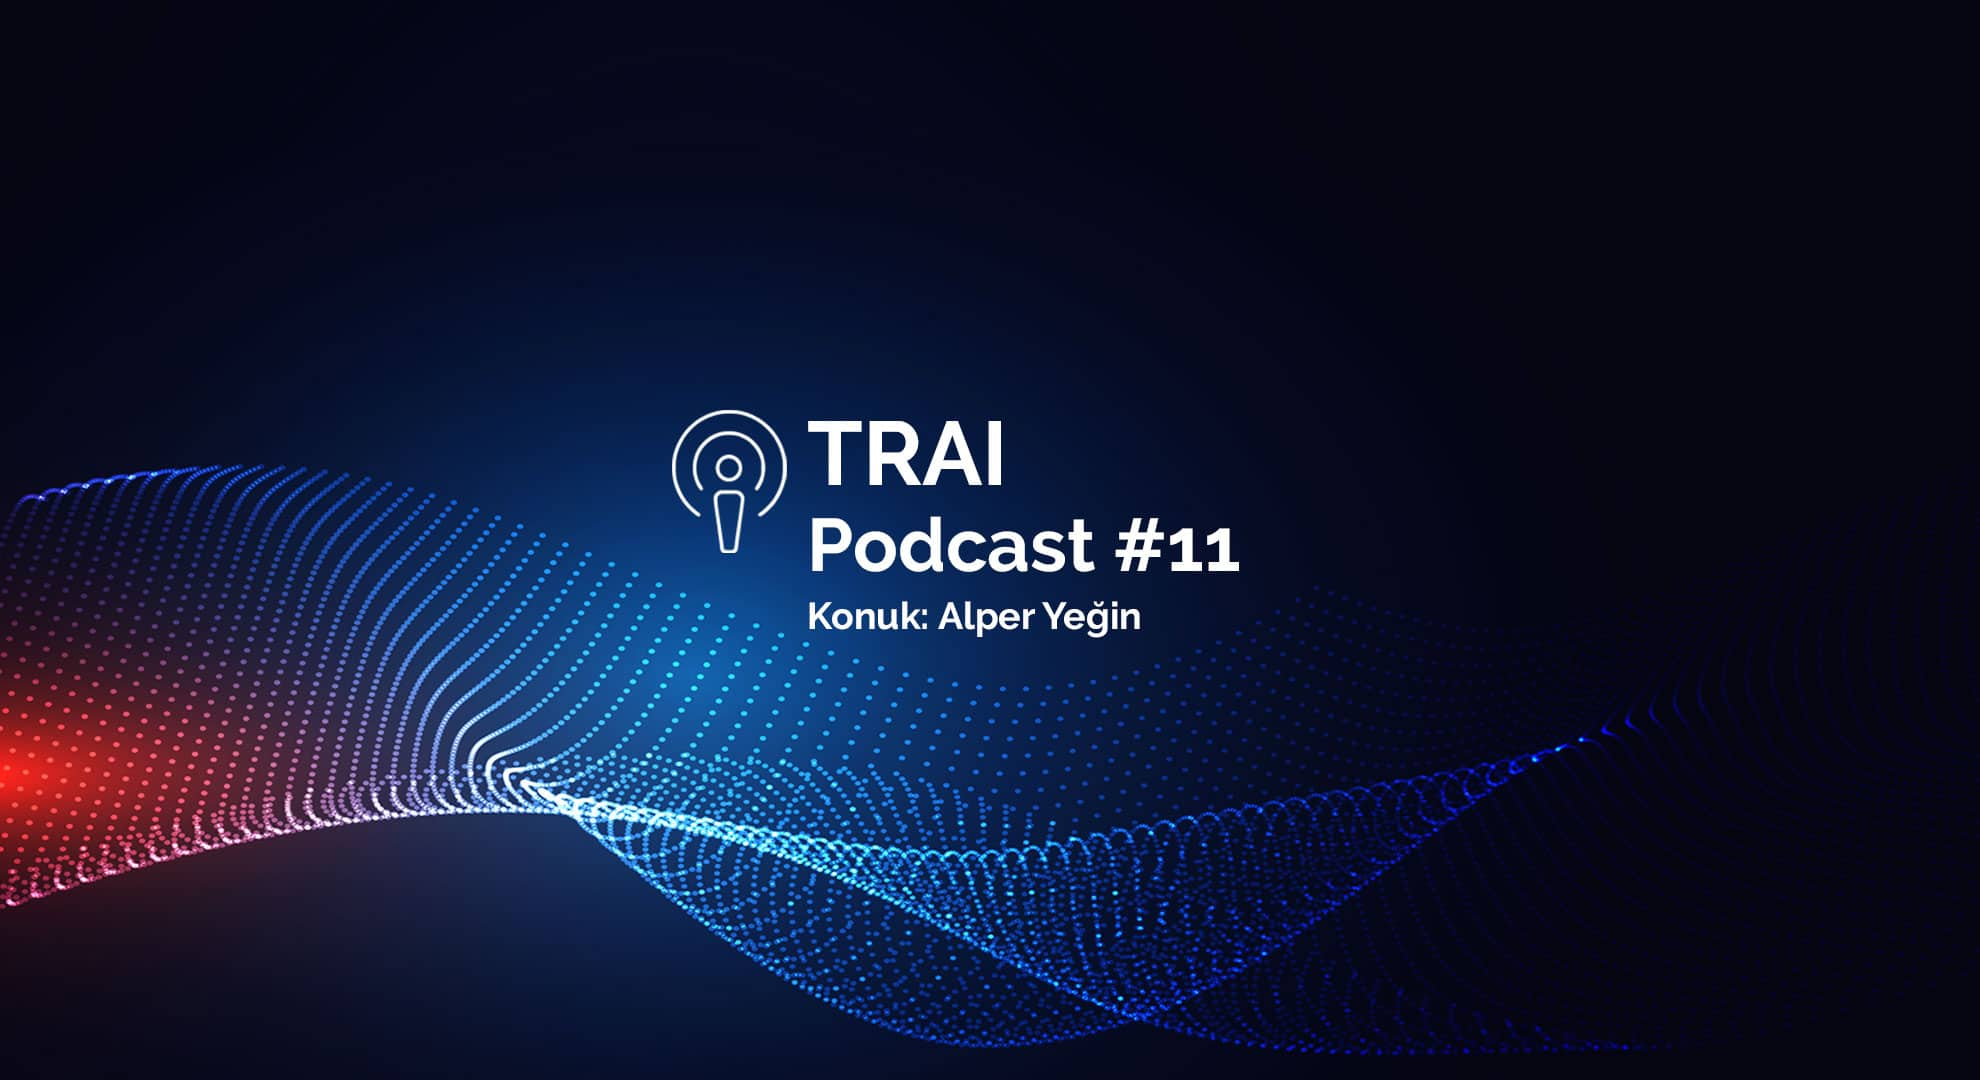 Nesnelerin İnternetinin Bugünü Yarını Nasıl Olacak? (Podcast)